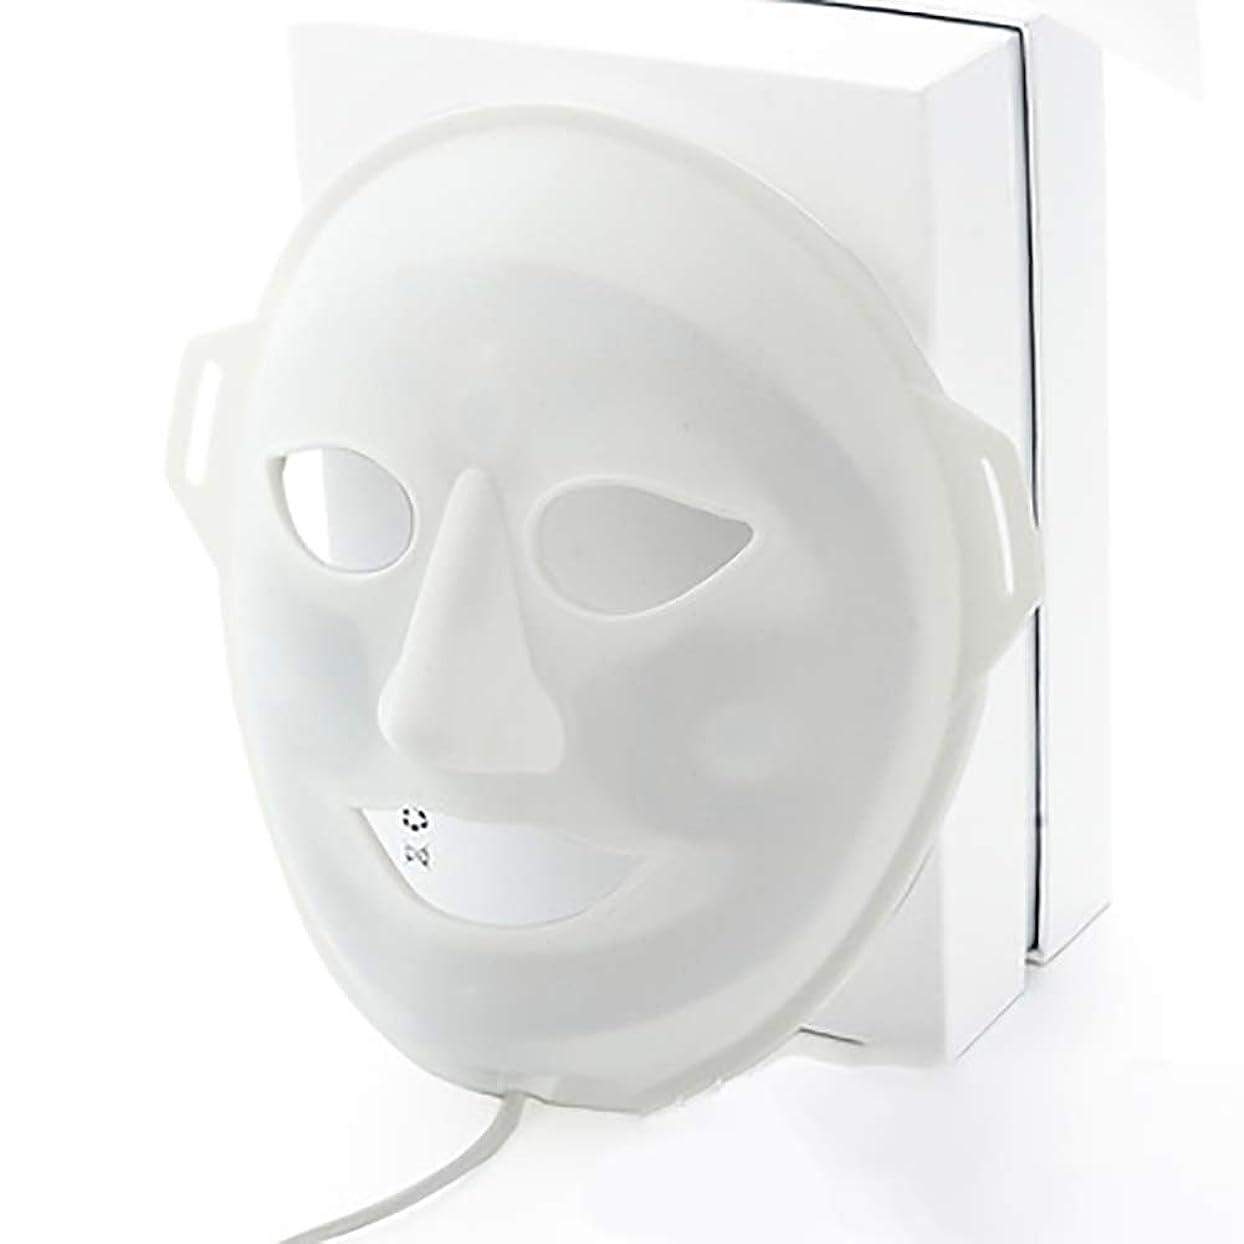 汗作りクリークLED光子美容マスク、抗にきびしわ除去療法、保湿輝く顔色ホワイトニングマスク